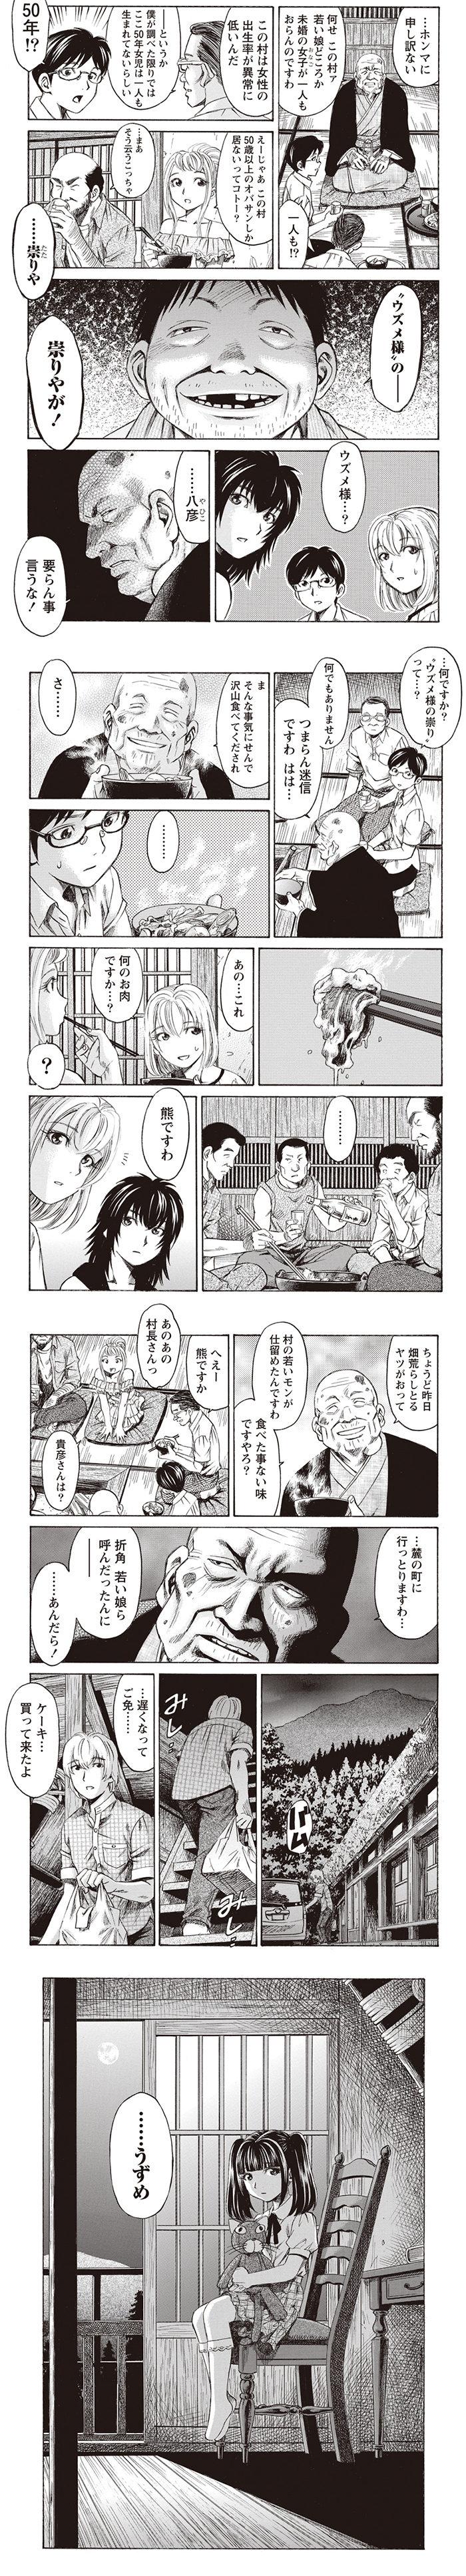 shisyu1-5